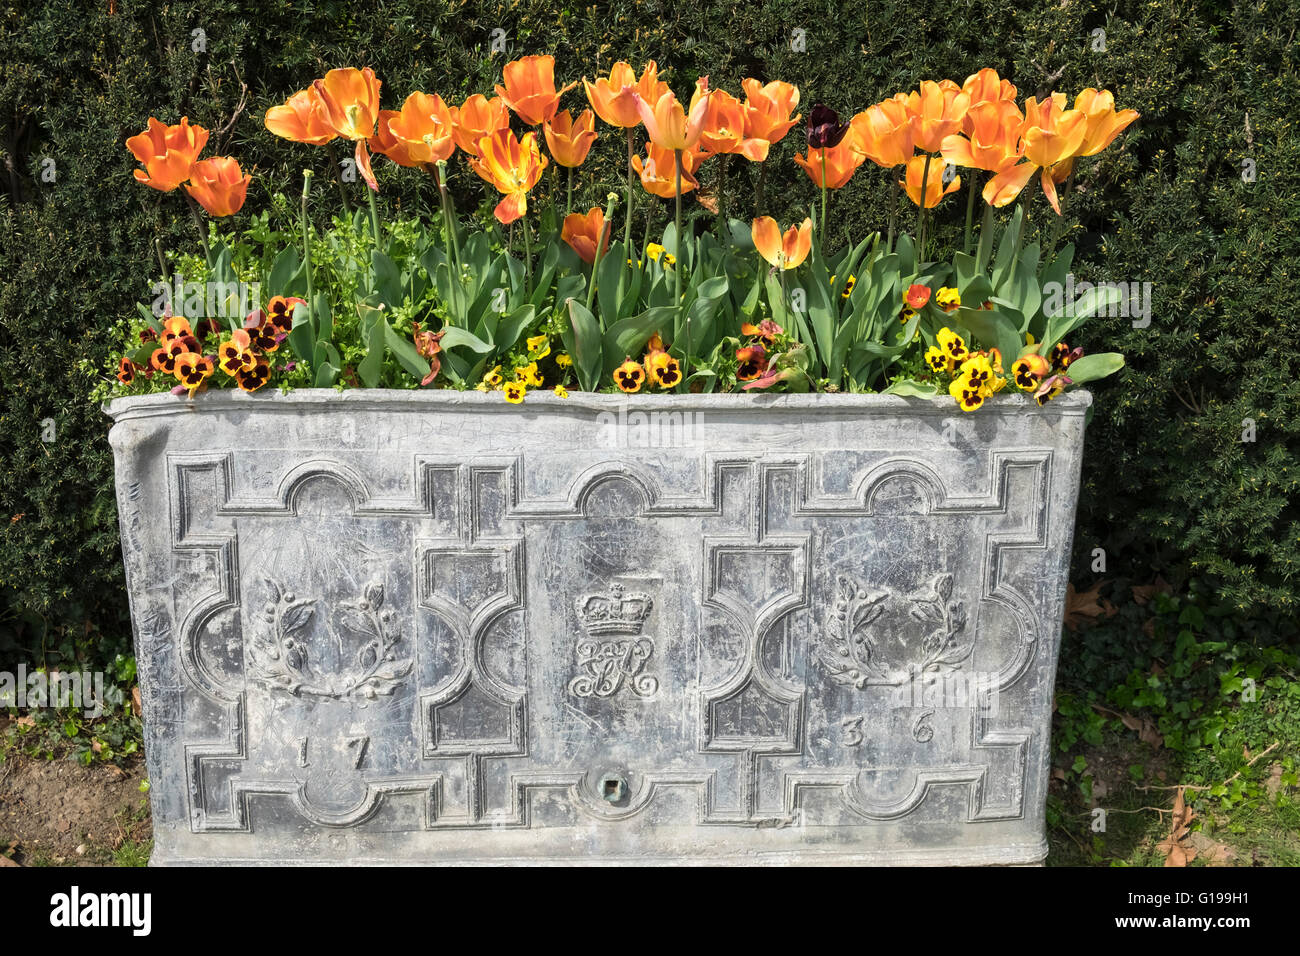 Colourful Display Of Seasonal Spring Flowers In Ornate Regal Stock